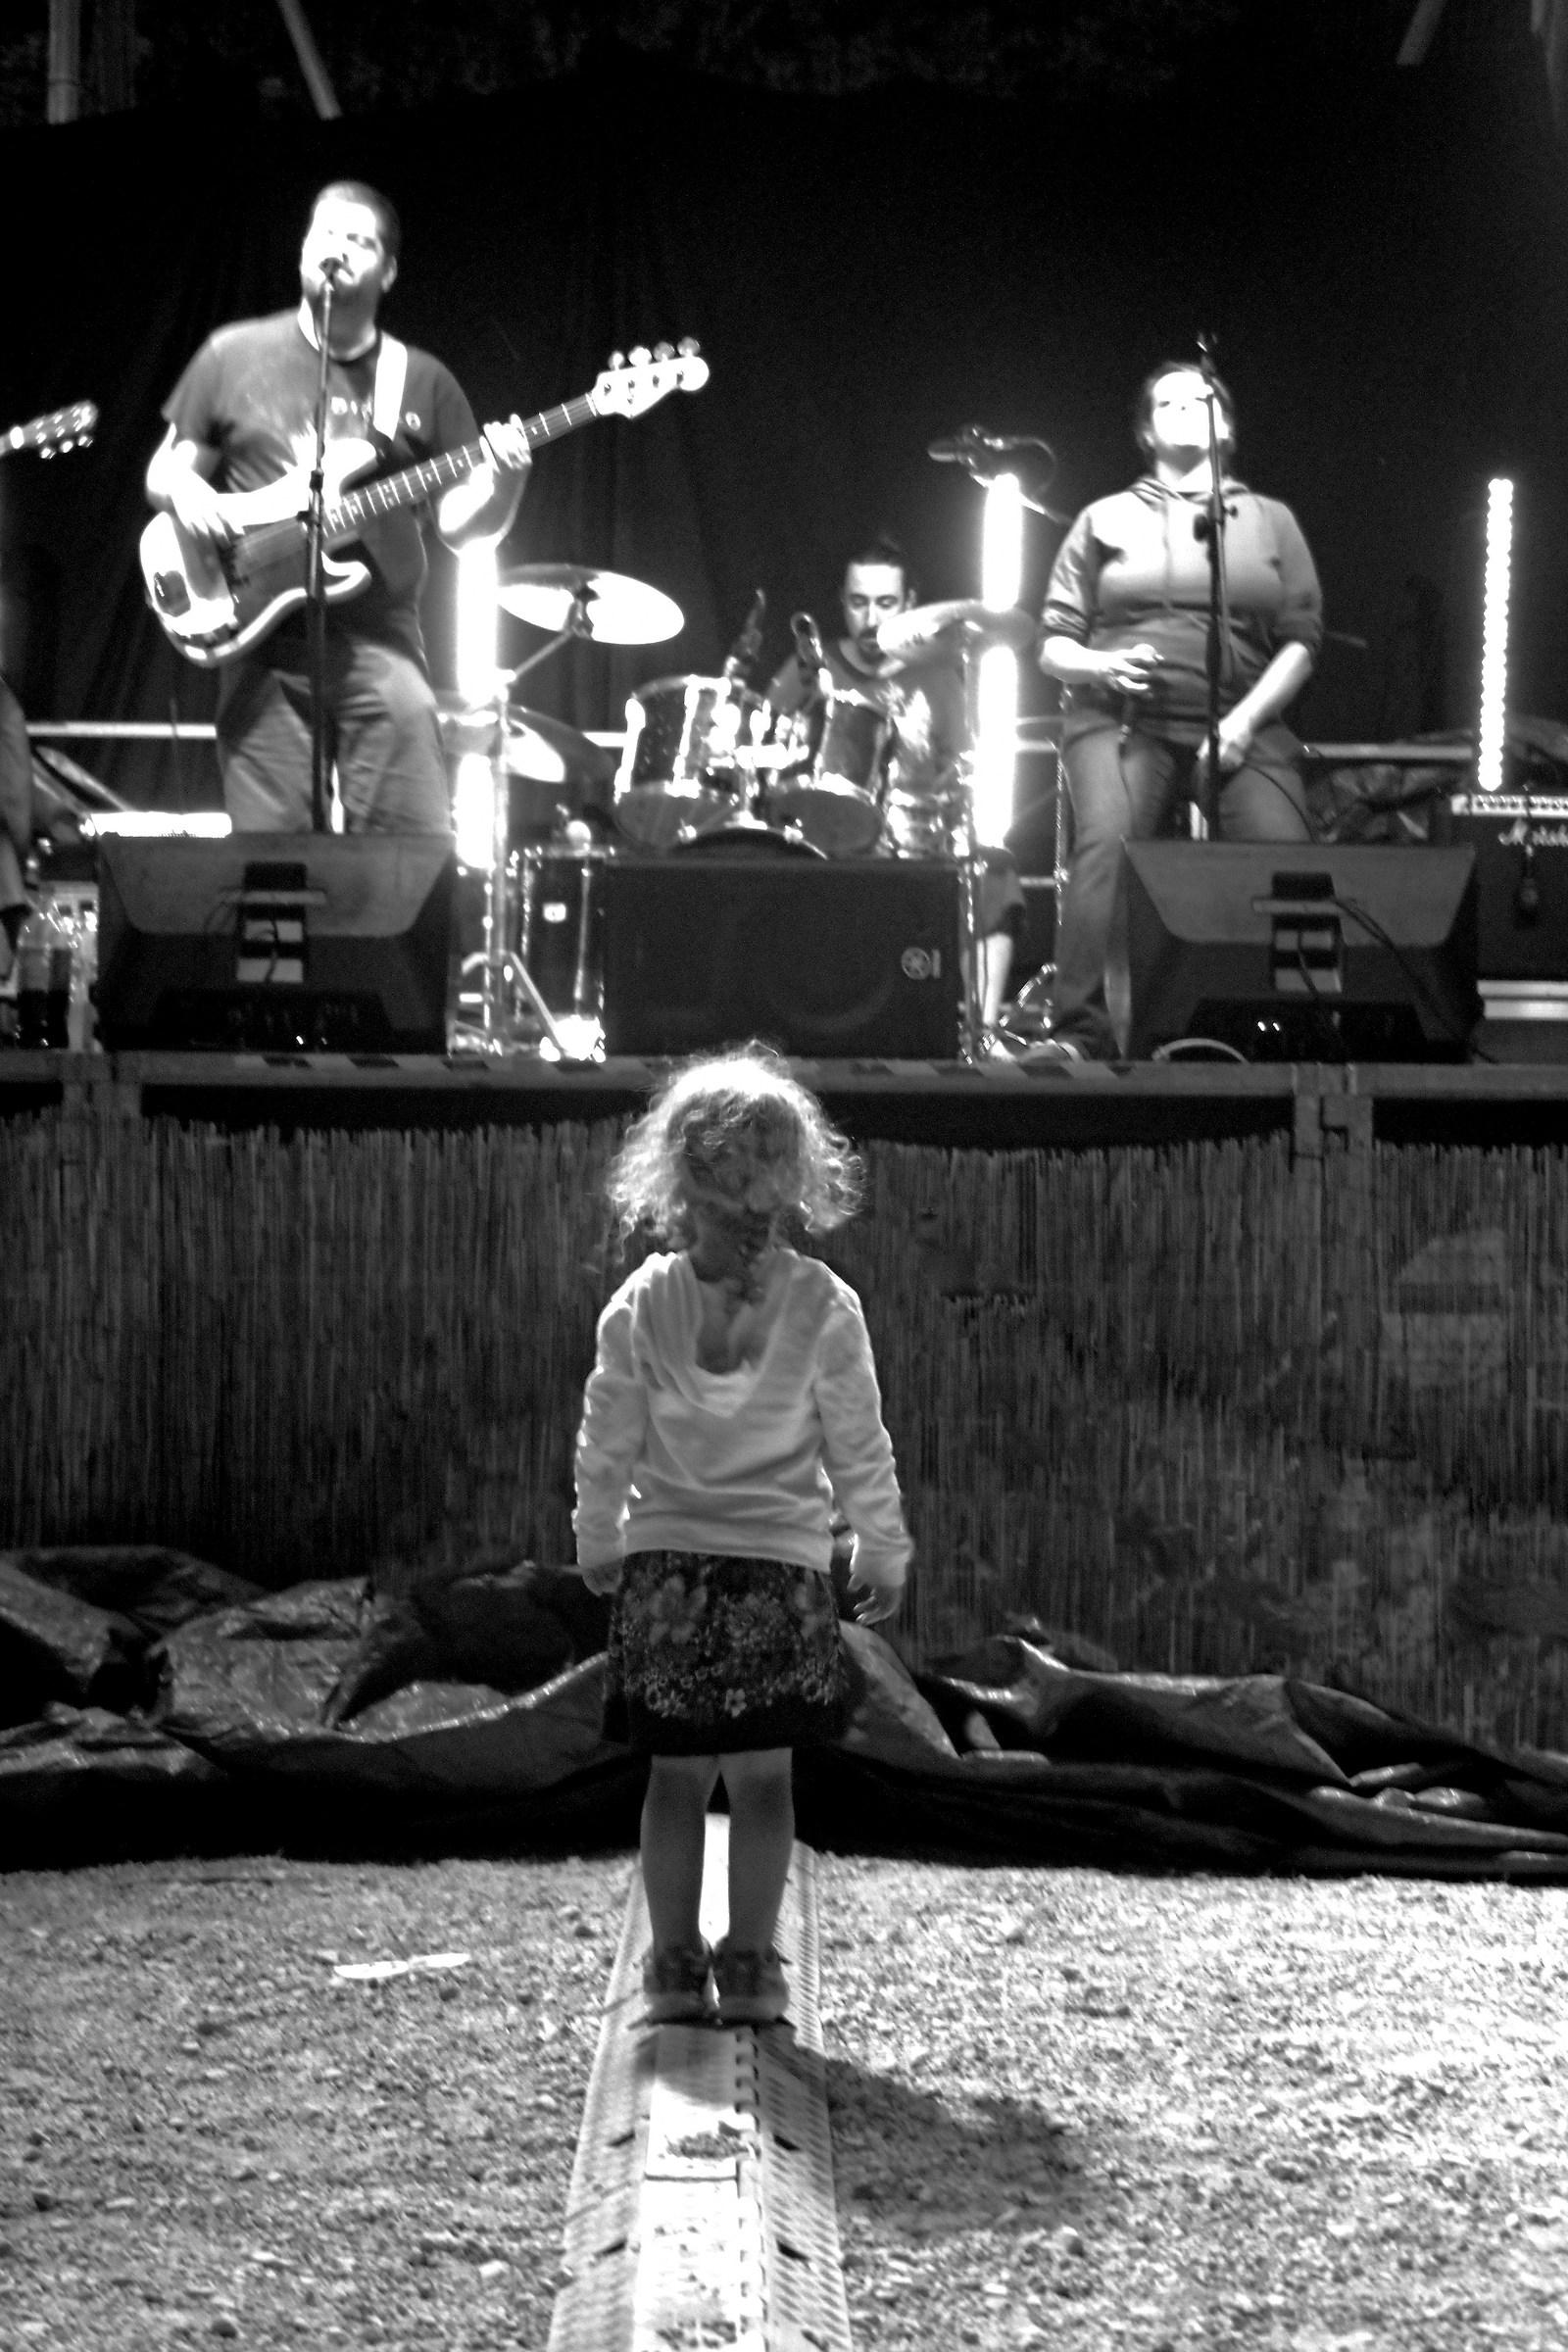 Dreams of Rock ' n ' roll...